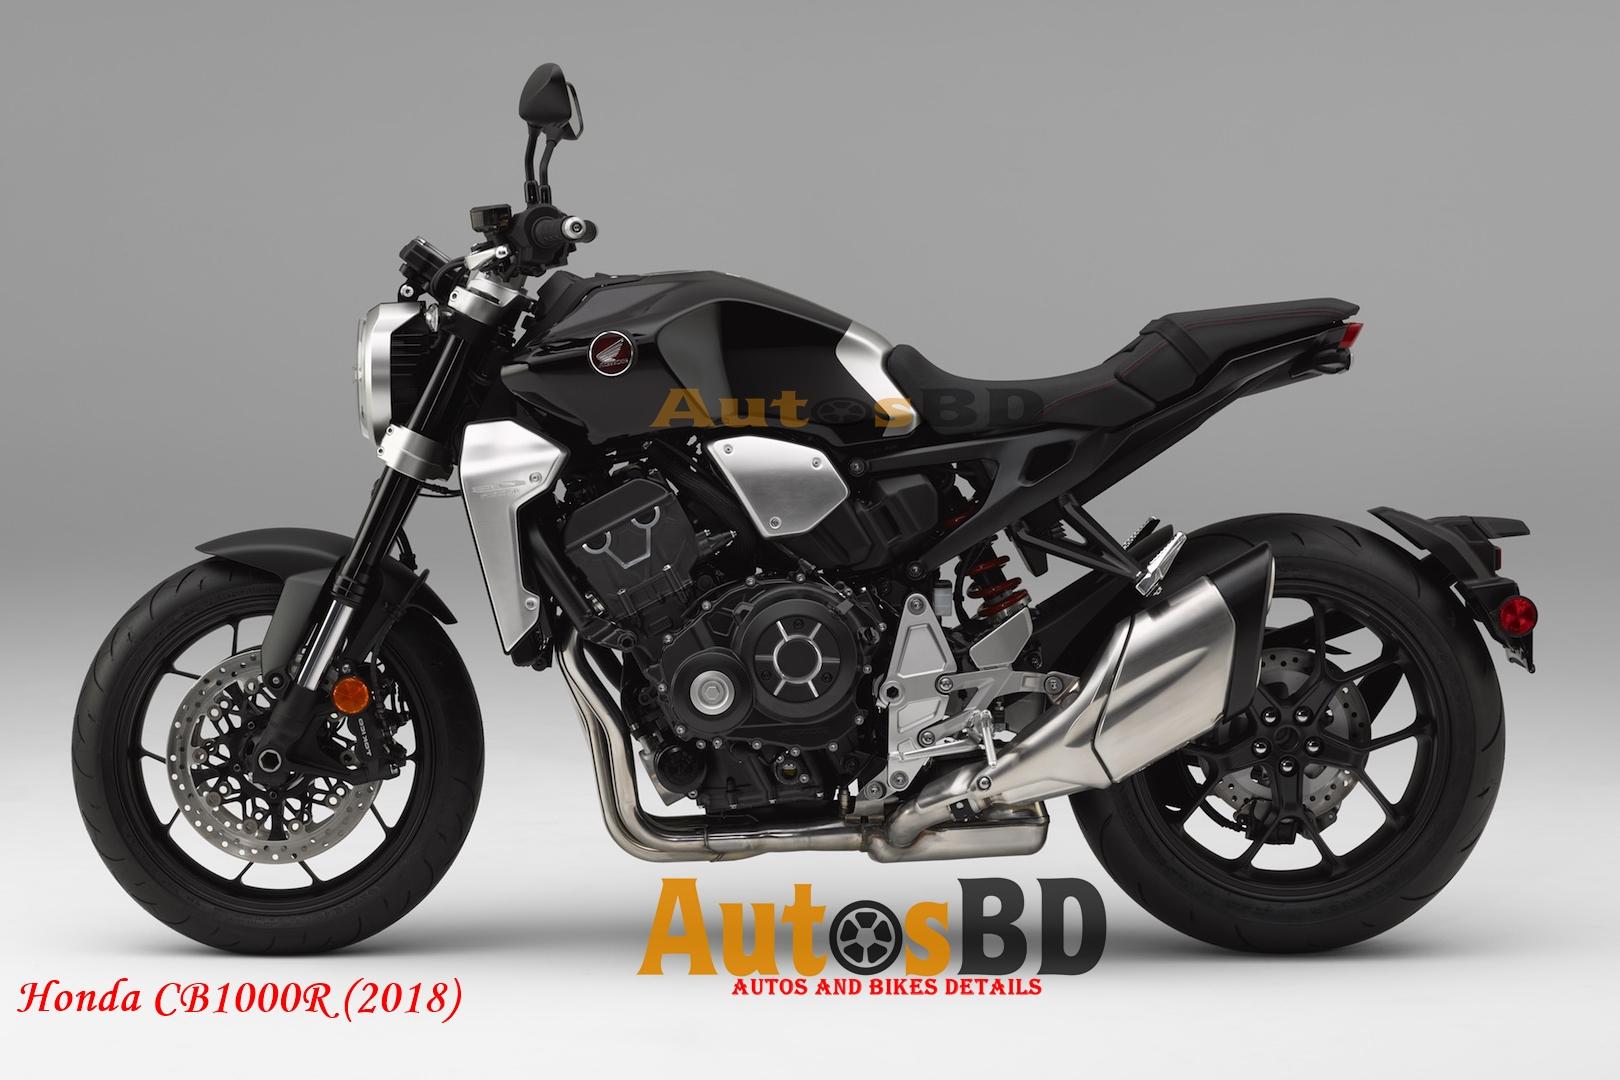 Honda CB1000R (2018) Specification